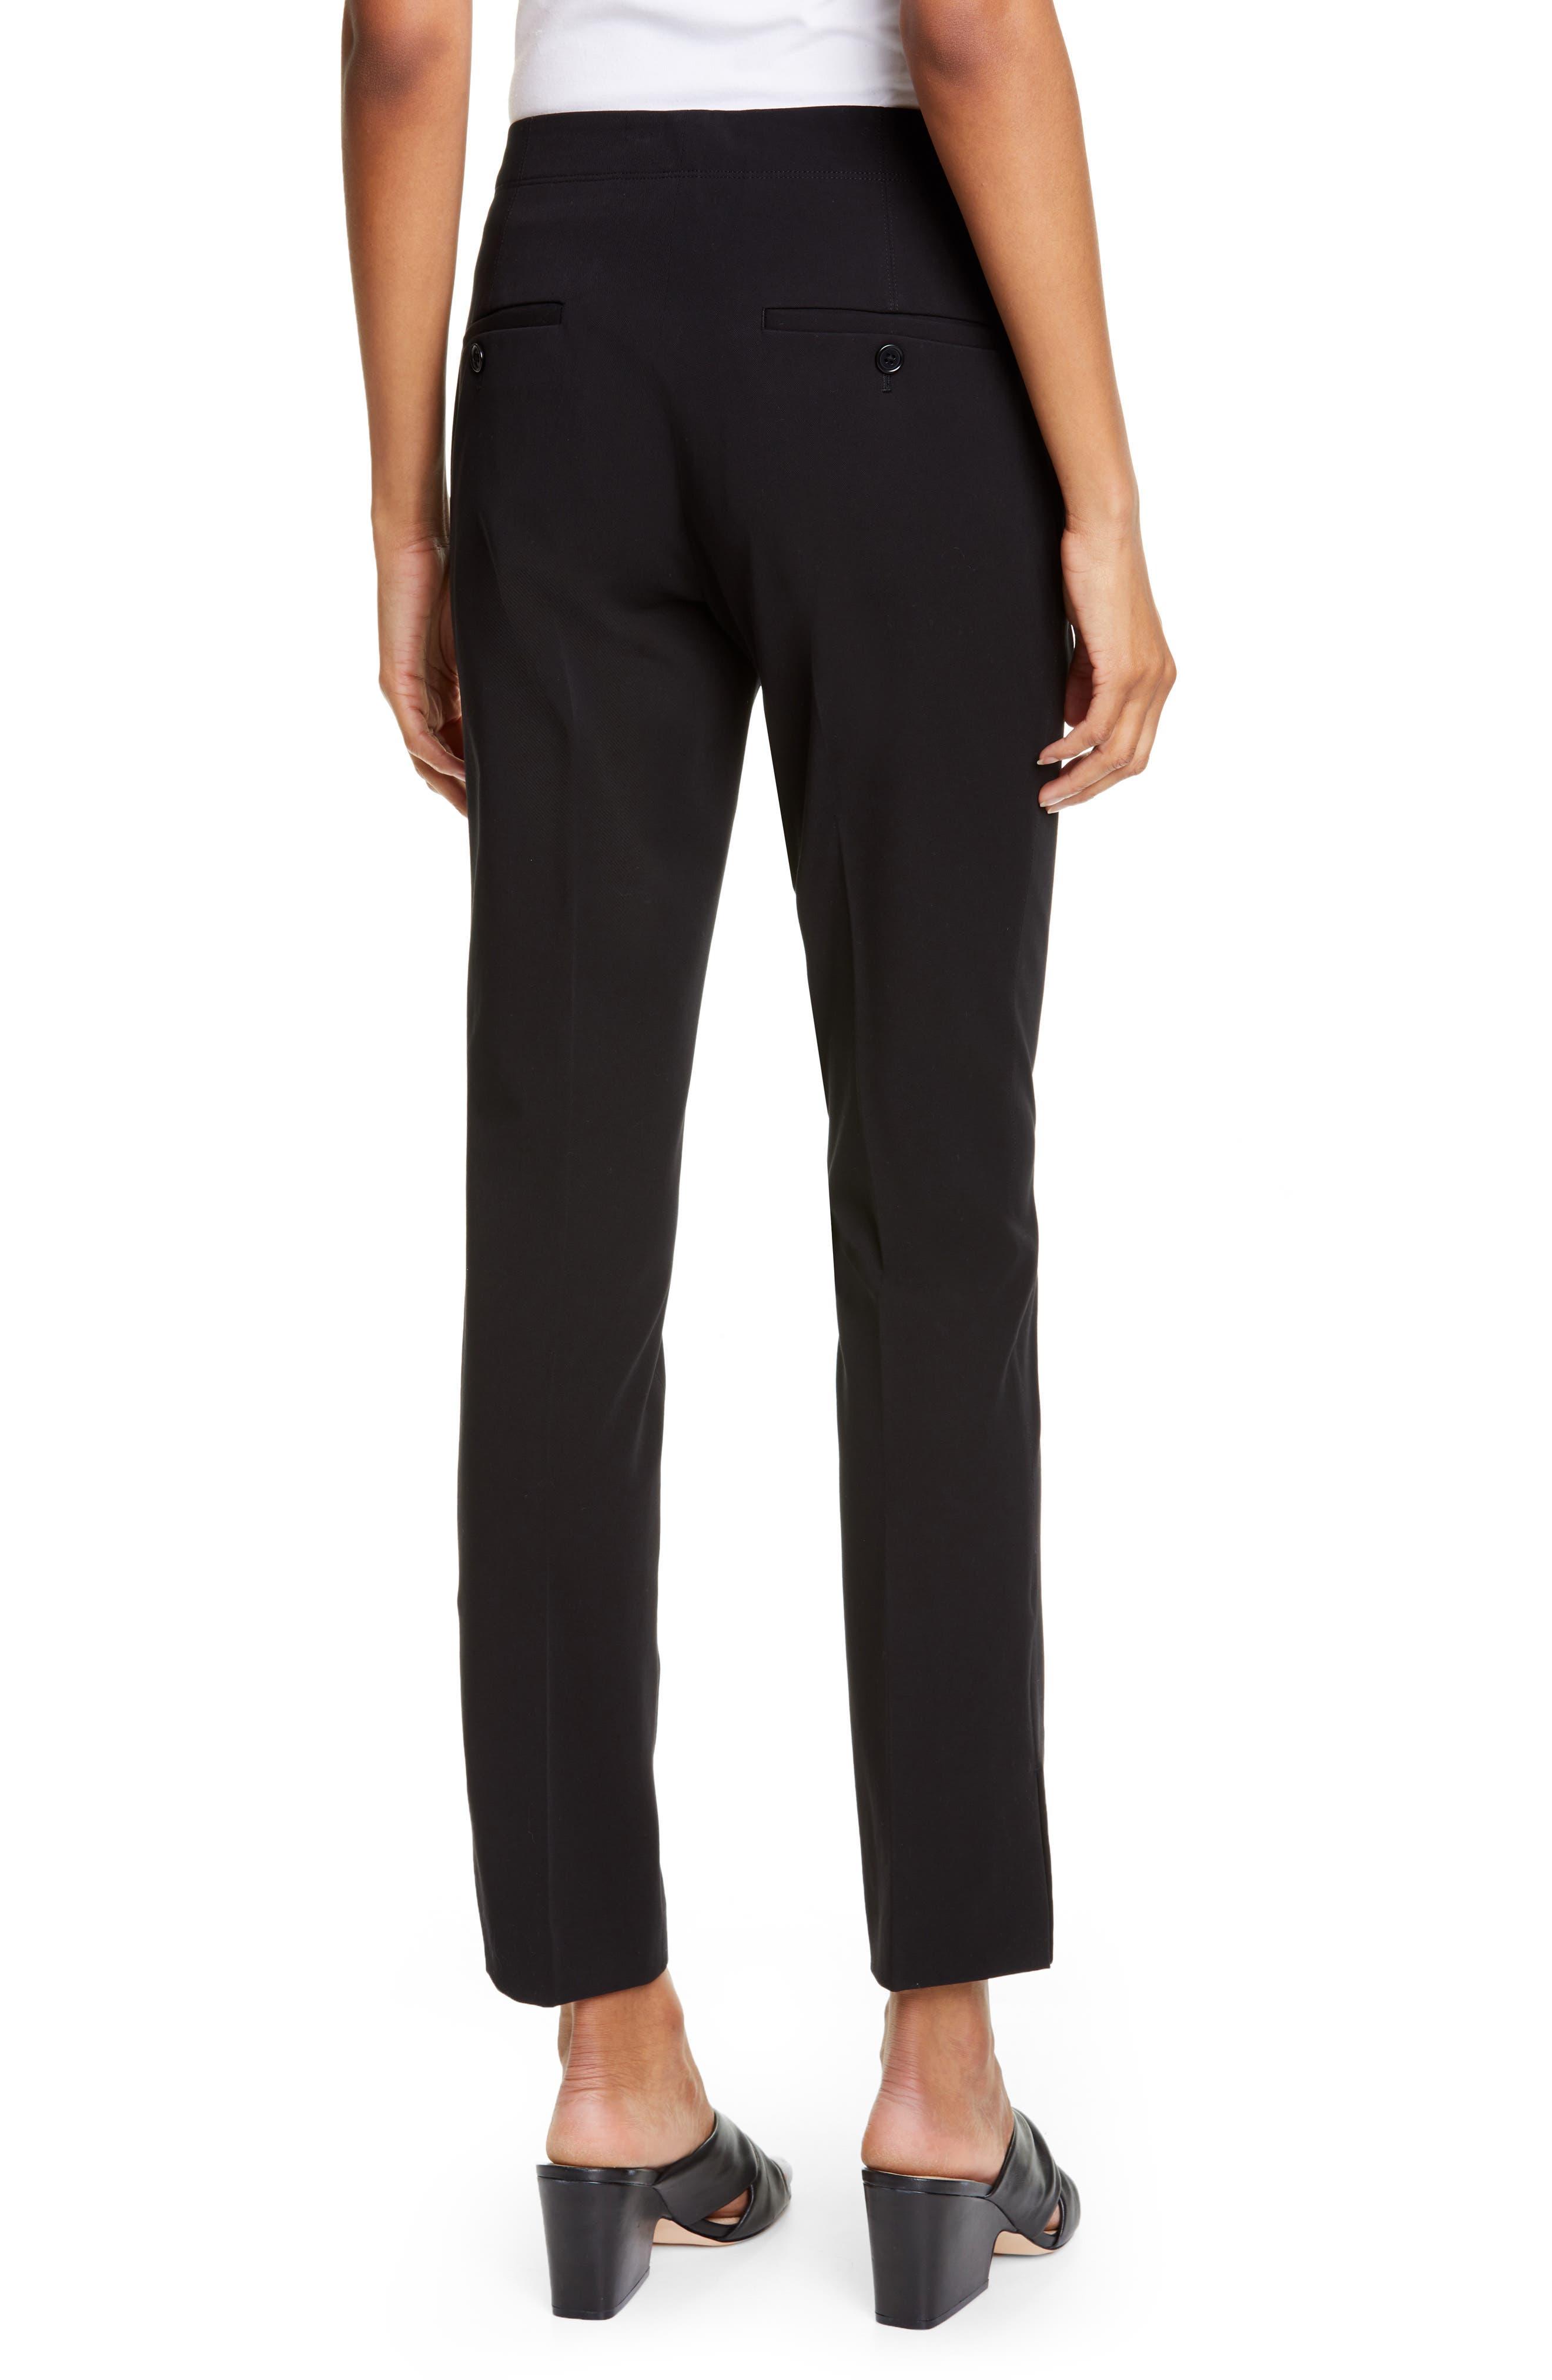 HELMUT LANG, Stretch Cotton Slim Trousers, Alternate thumbnail 2, color, BLACK